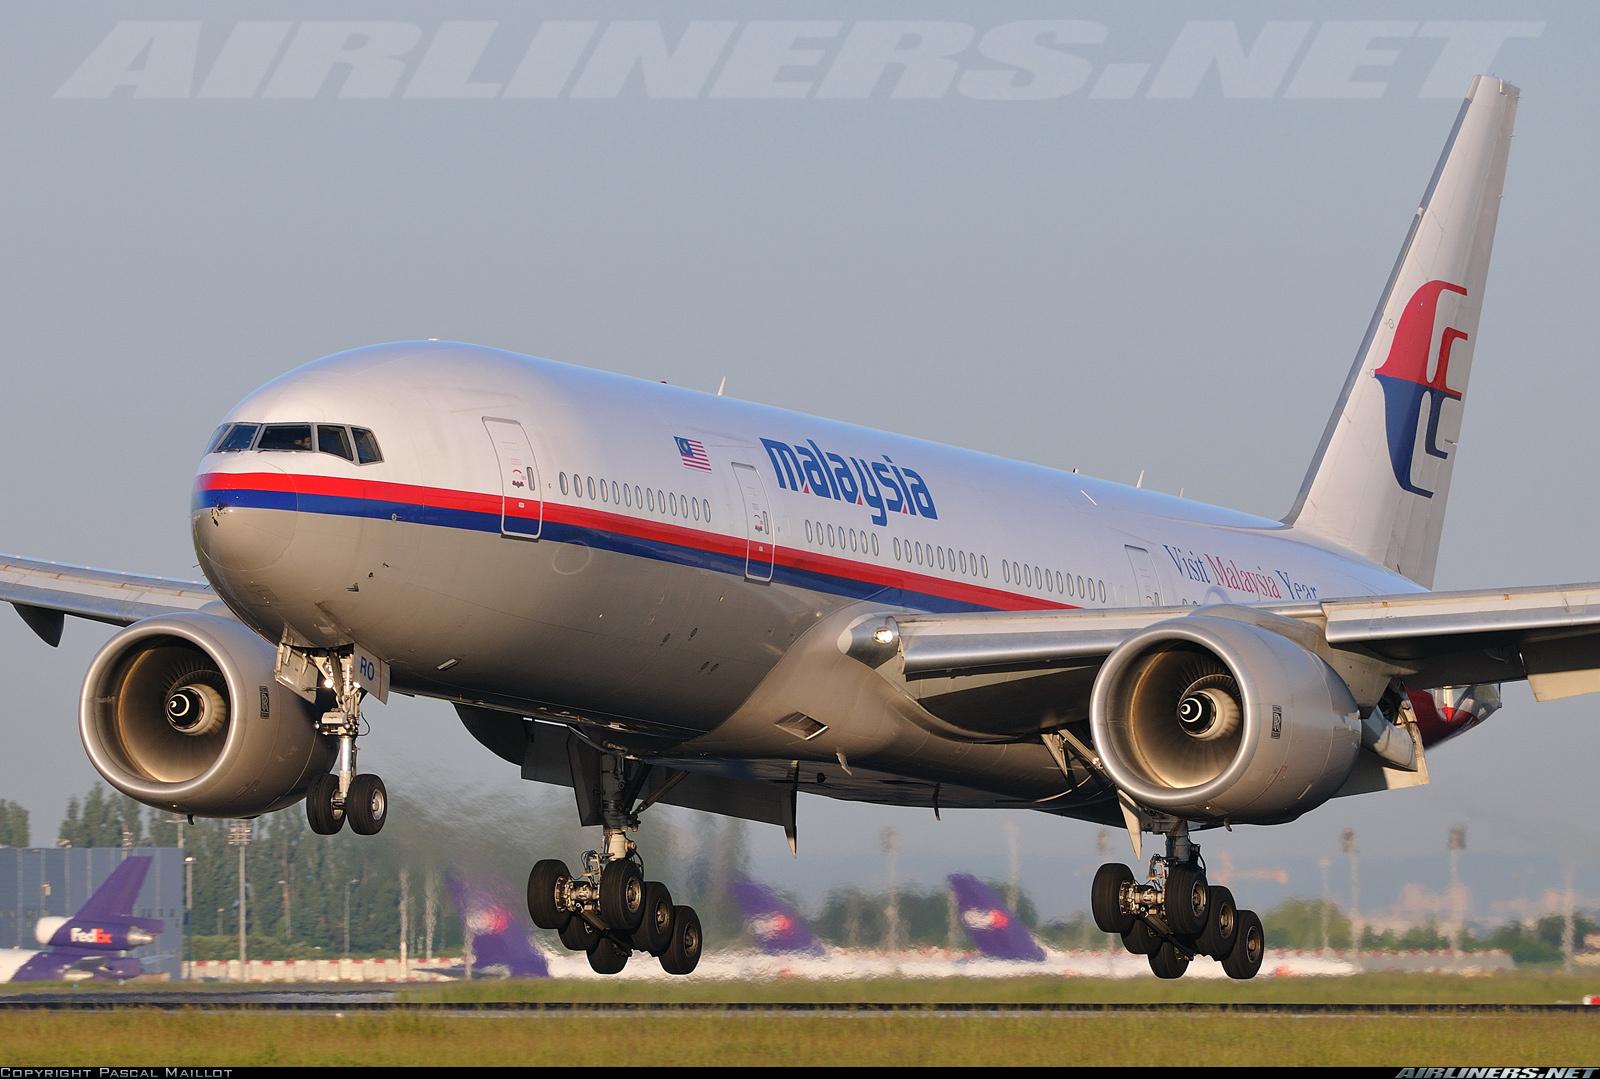 Hermosa imagen del Boeing 777 9M-MRO. Los ACARS de los motores Trent 800 siguieron emitiendo datos tras la desaparición del avión de los radares de tráfico aéreo (fuente: Pascal Maillot / Airliners.net